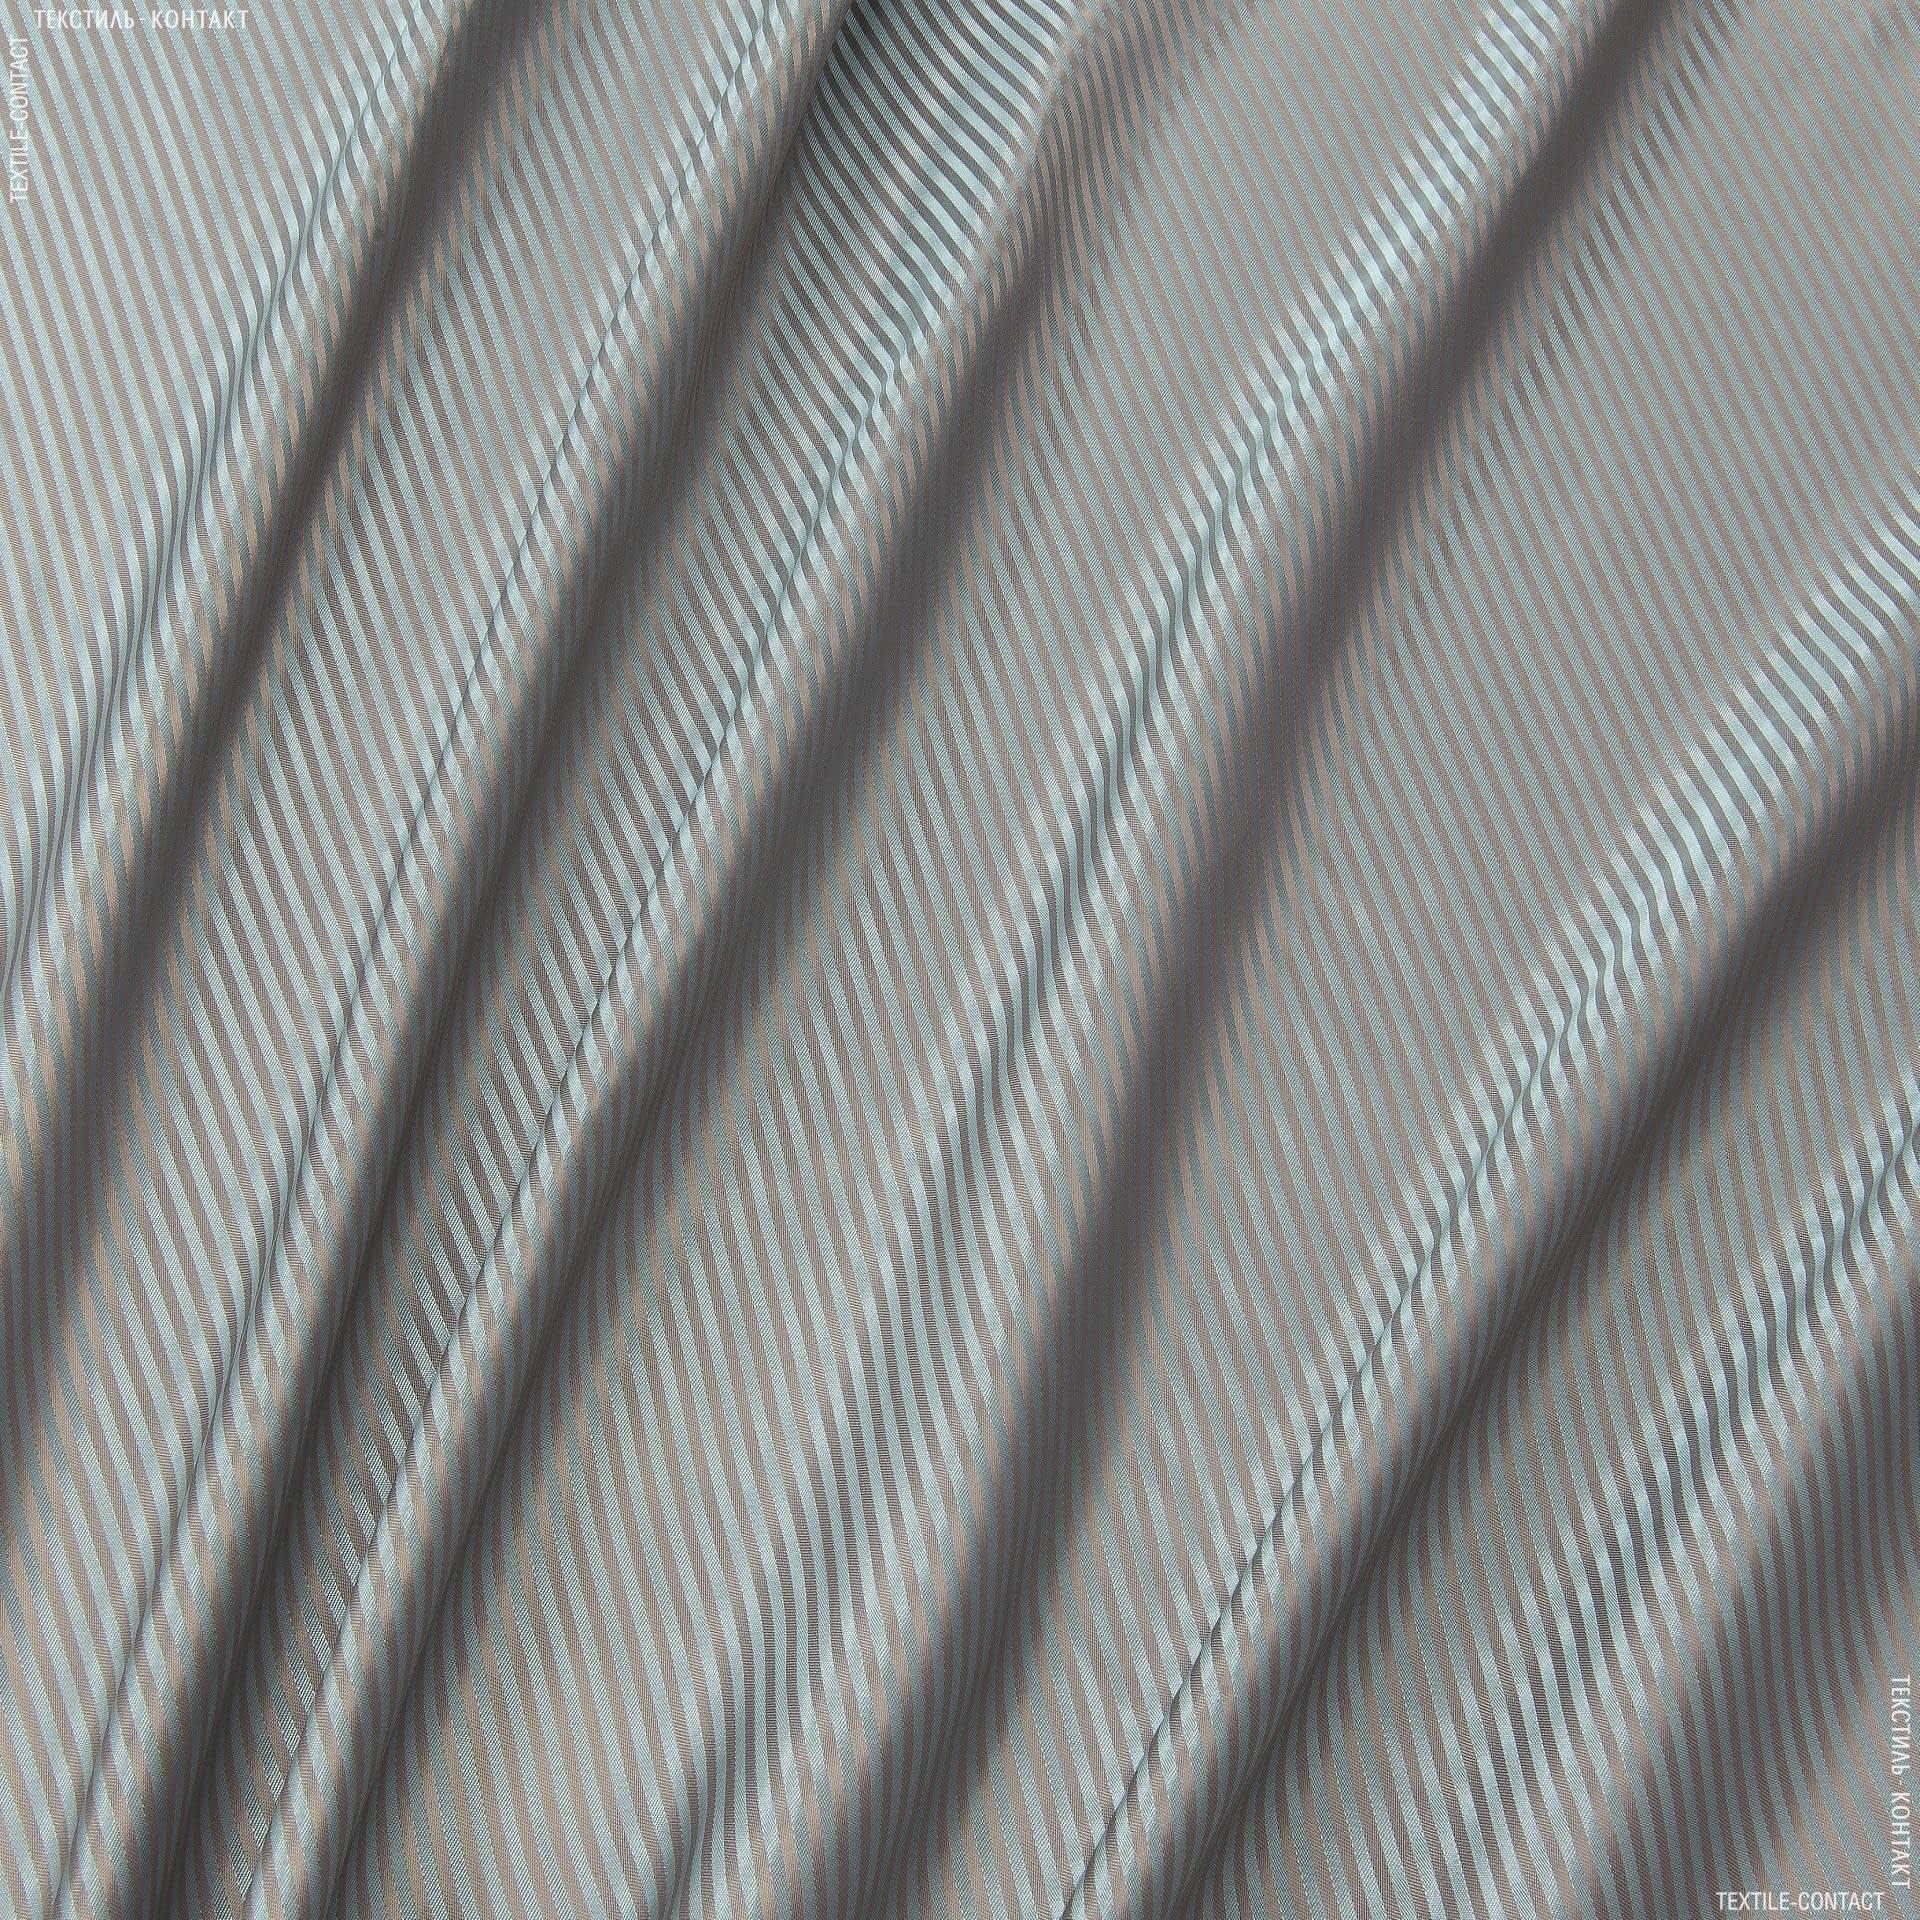 Тканини підкладкова тканина - Підкладковий жакард бежево-блакитний